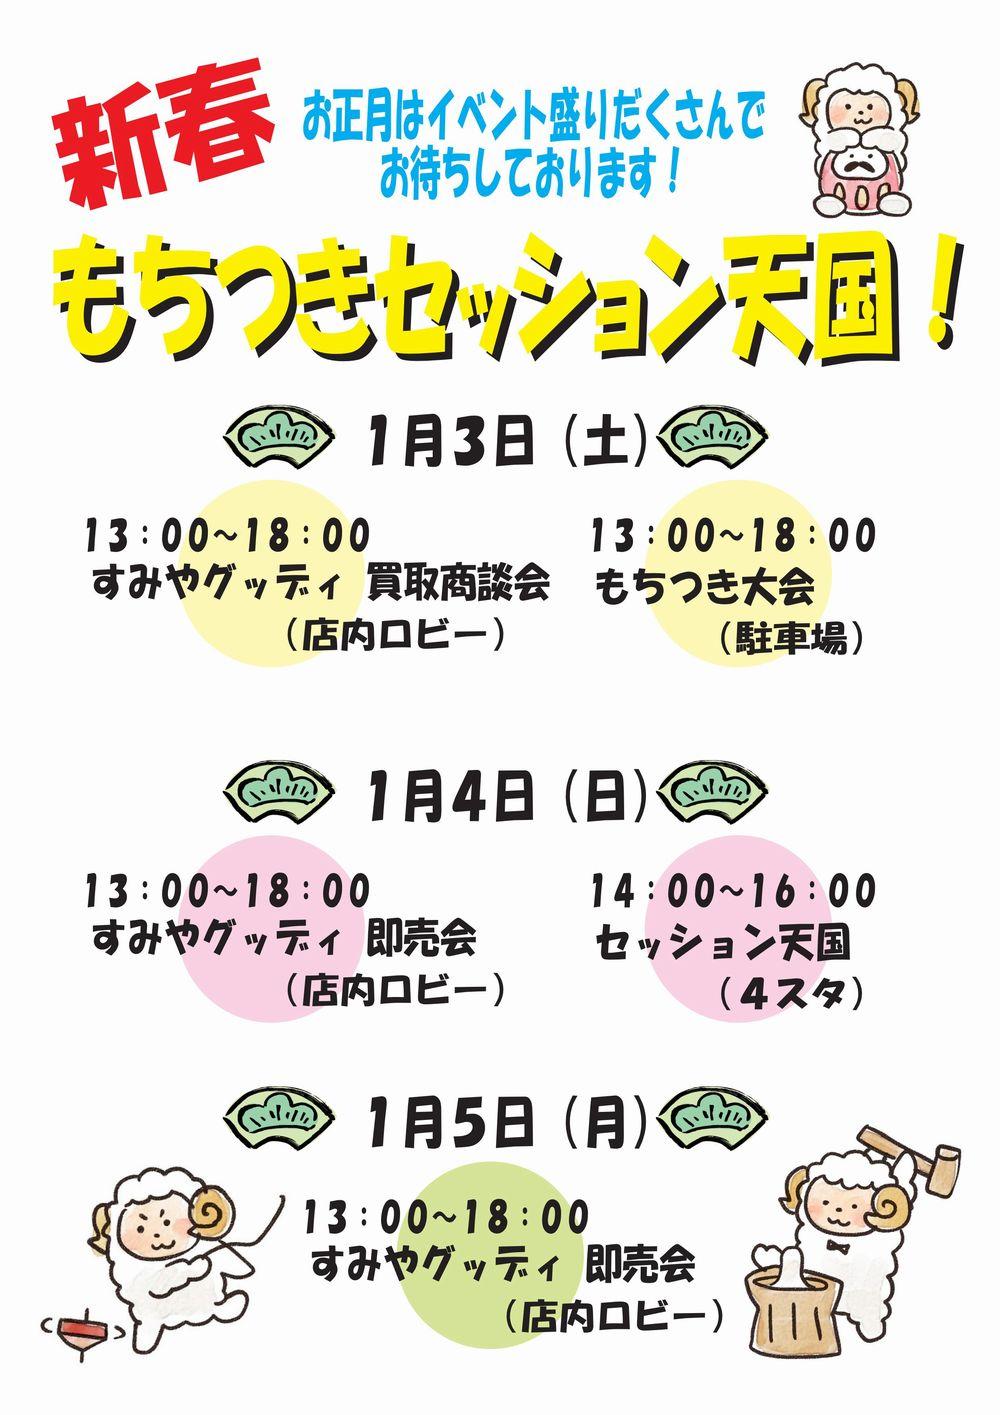 【お正月イベント】もちつき&セッション天国@静岡駿河店1月3日(土)・4日(日)開催!